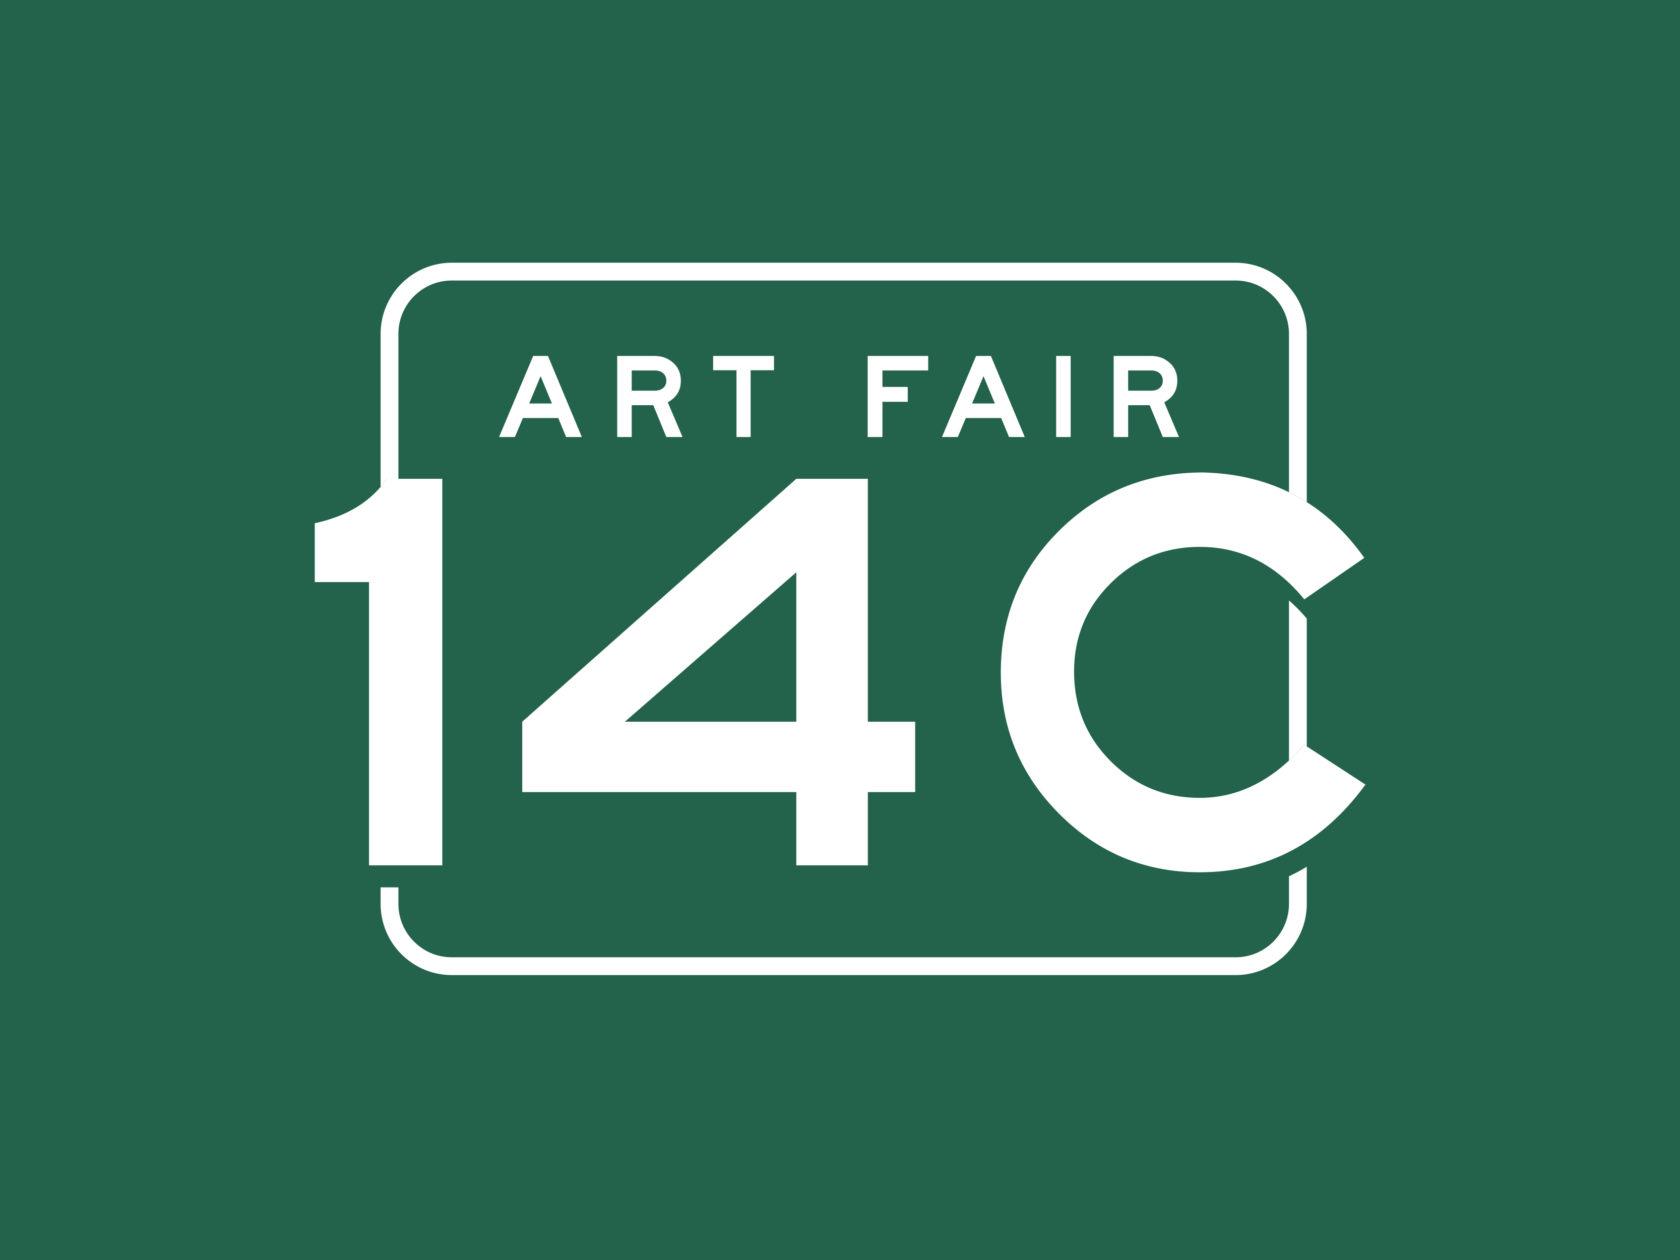 14C Art Fair: Applications Now Open!